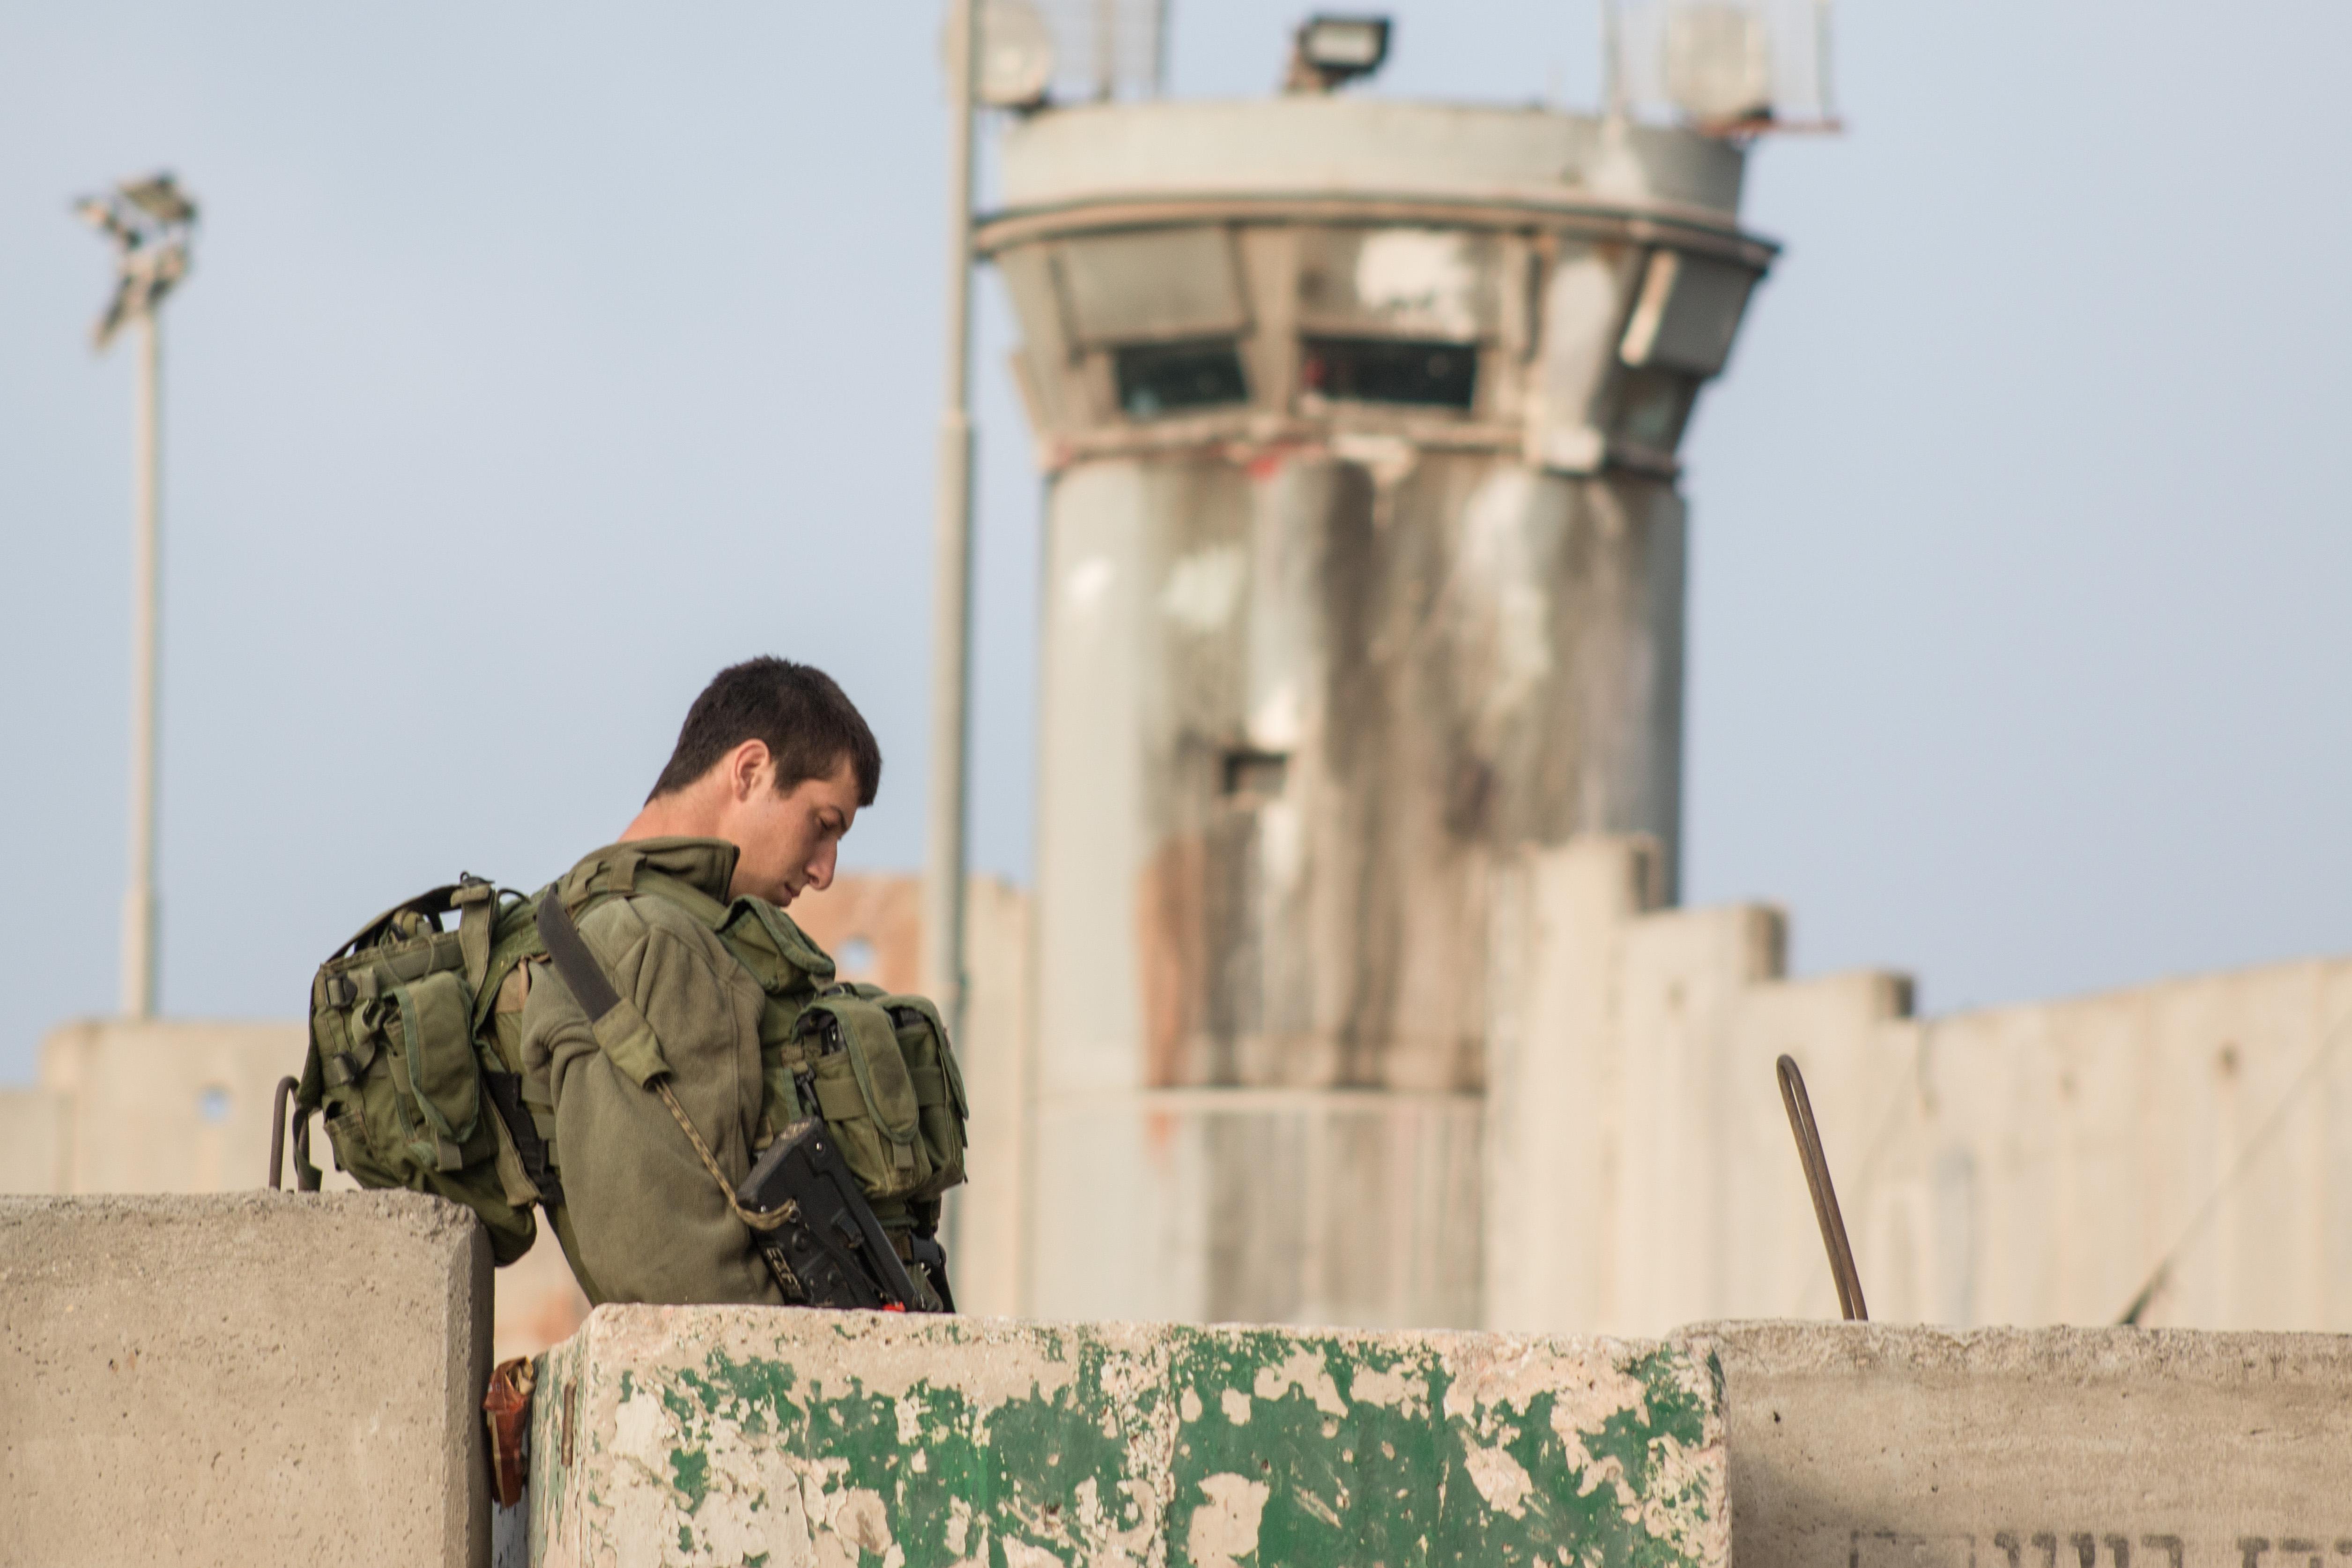 An Israeli soldier stands outside Qalandia checkpoint around 6am. (Photo: Karam Saleem)